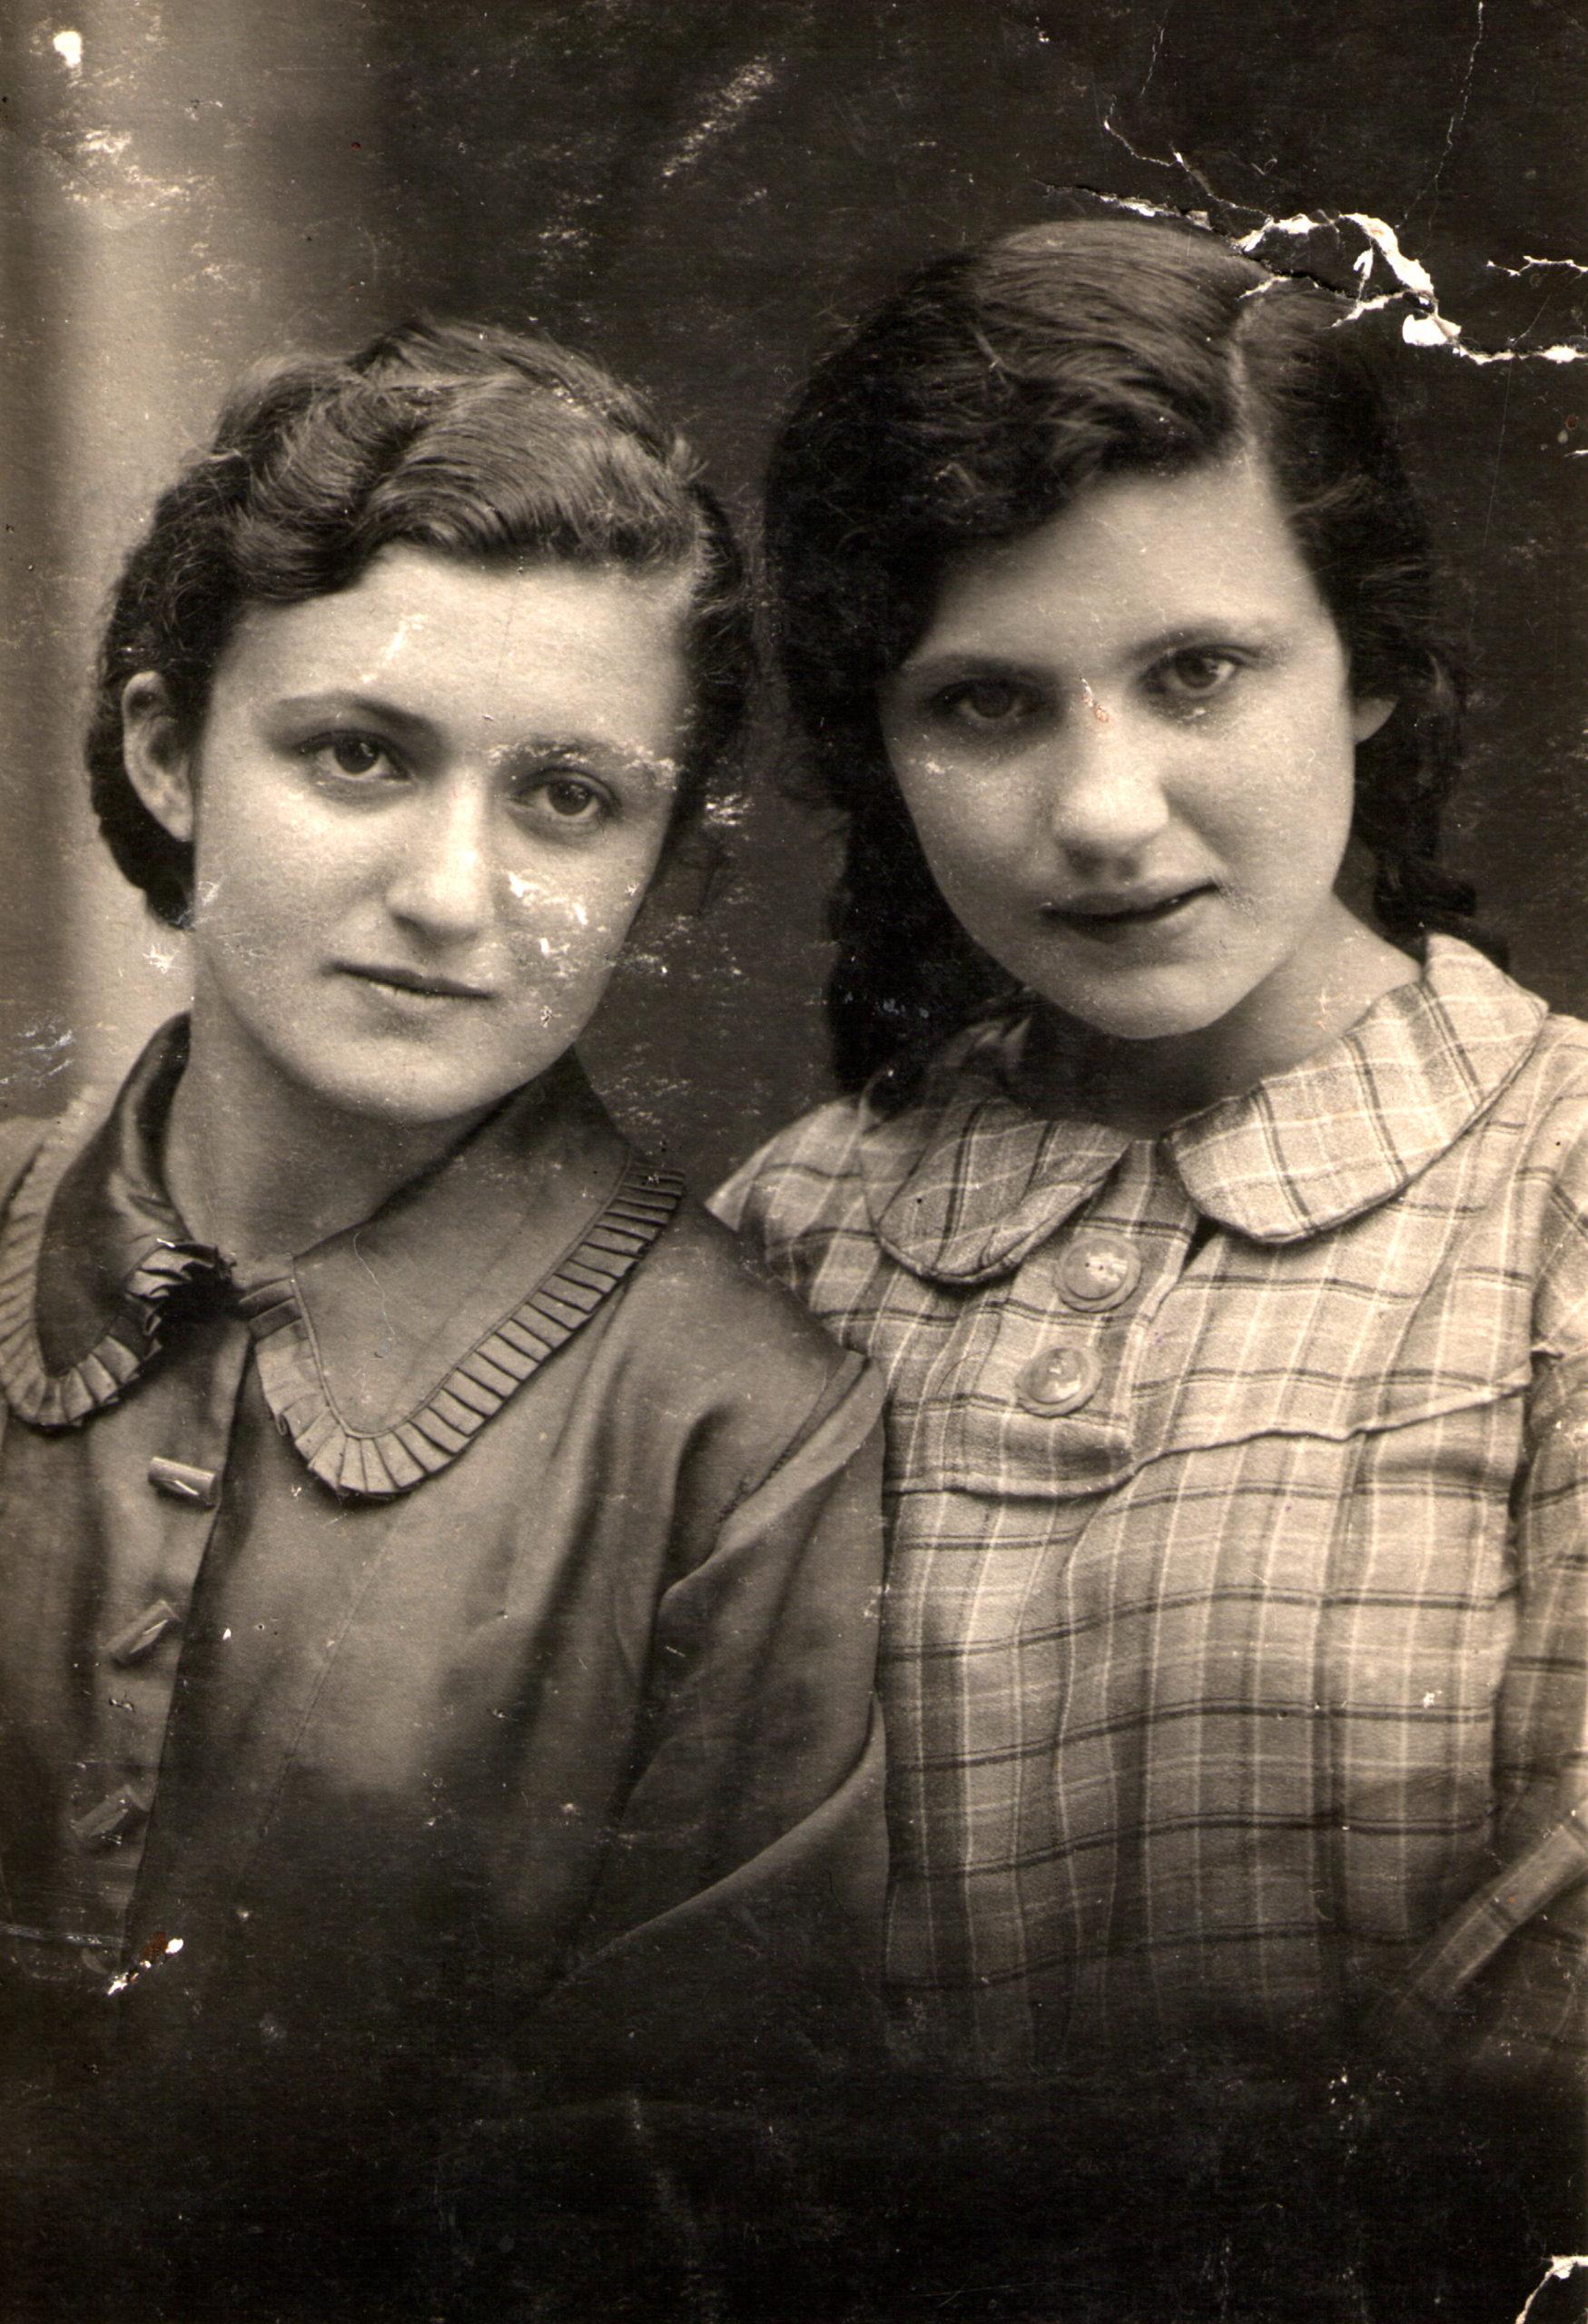 Berta Zelbert with her sister Eniya Zelbert